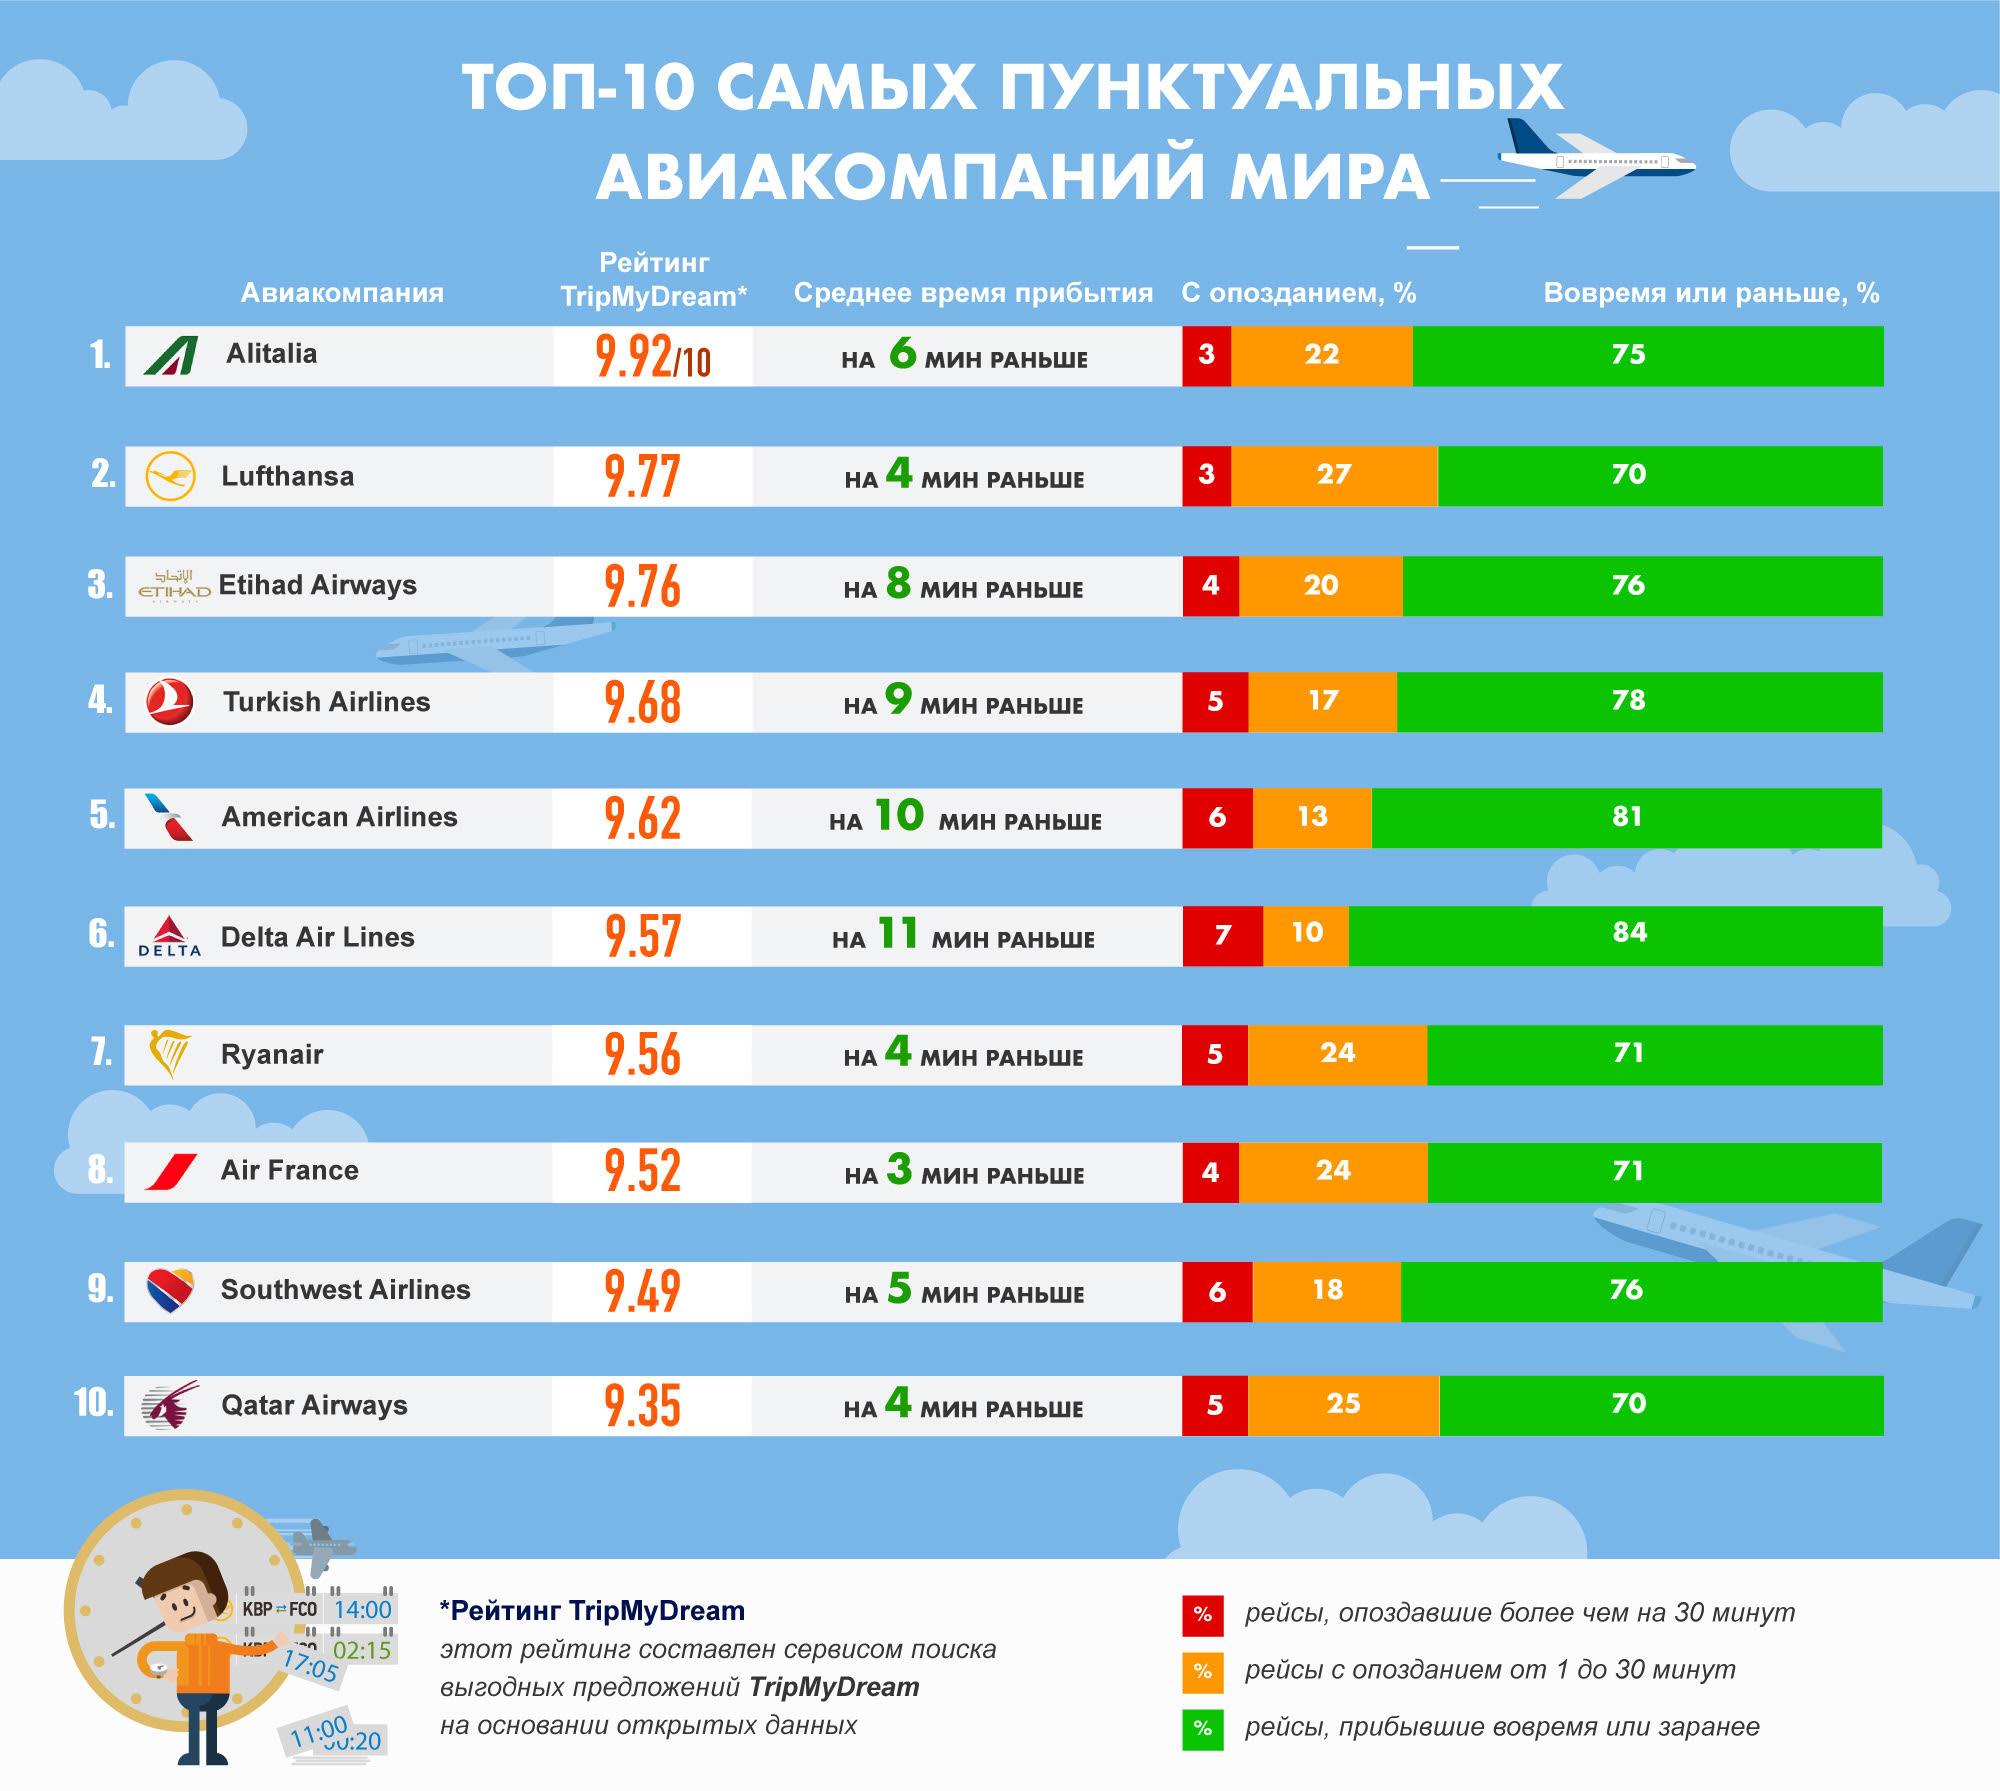 Инфографика по самым пунктуальным авиакомпаниям мира